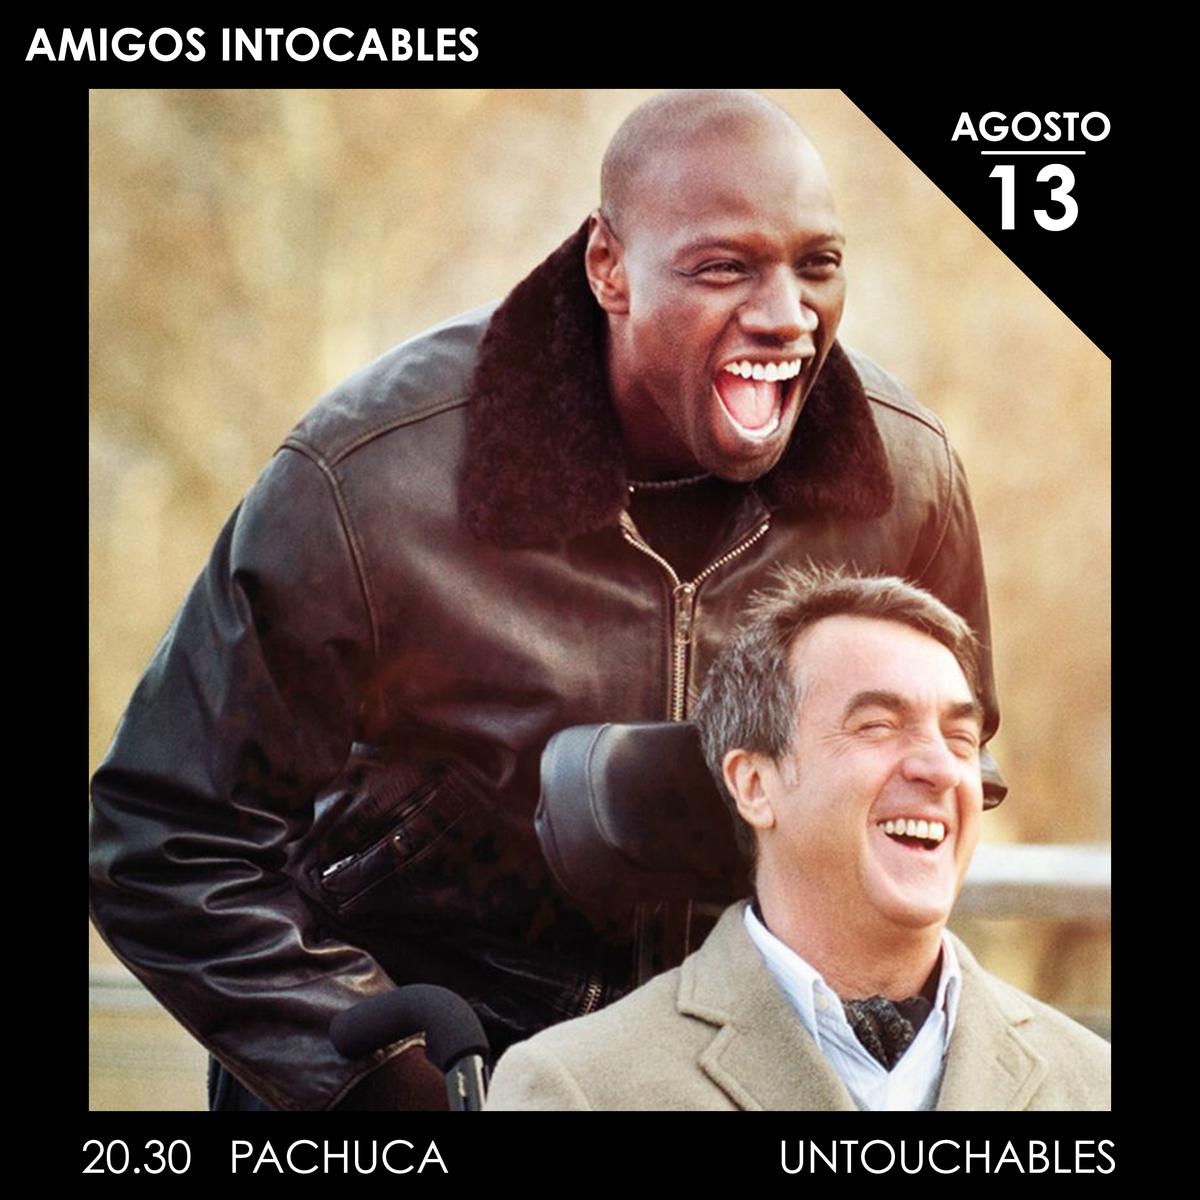 Comenzamos nuestra temporada de #autocinemaveinteveinte con #amigosintocables en la ciudad de Pachuca. https://t.co/B6d3xcWu9Q